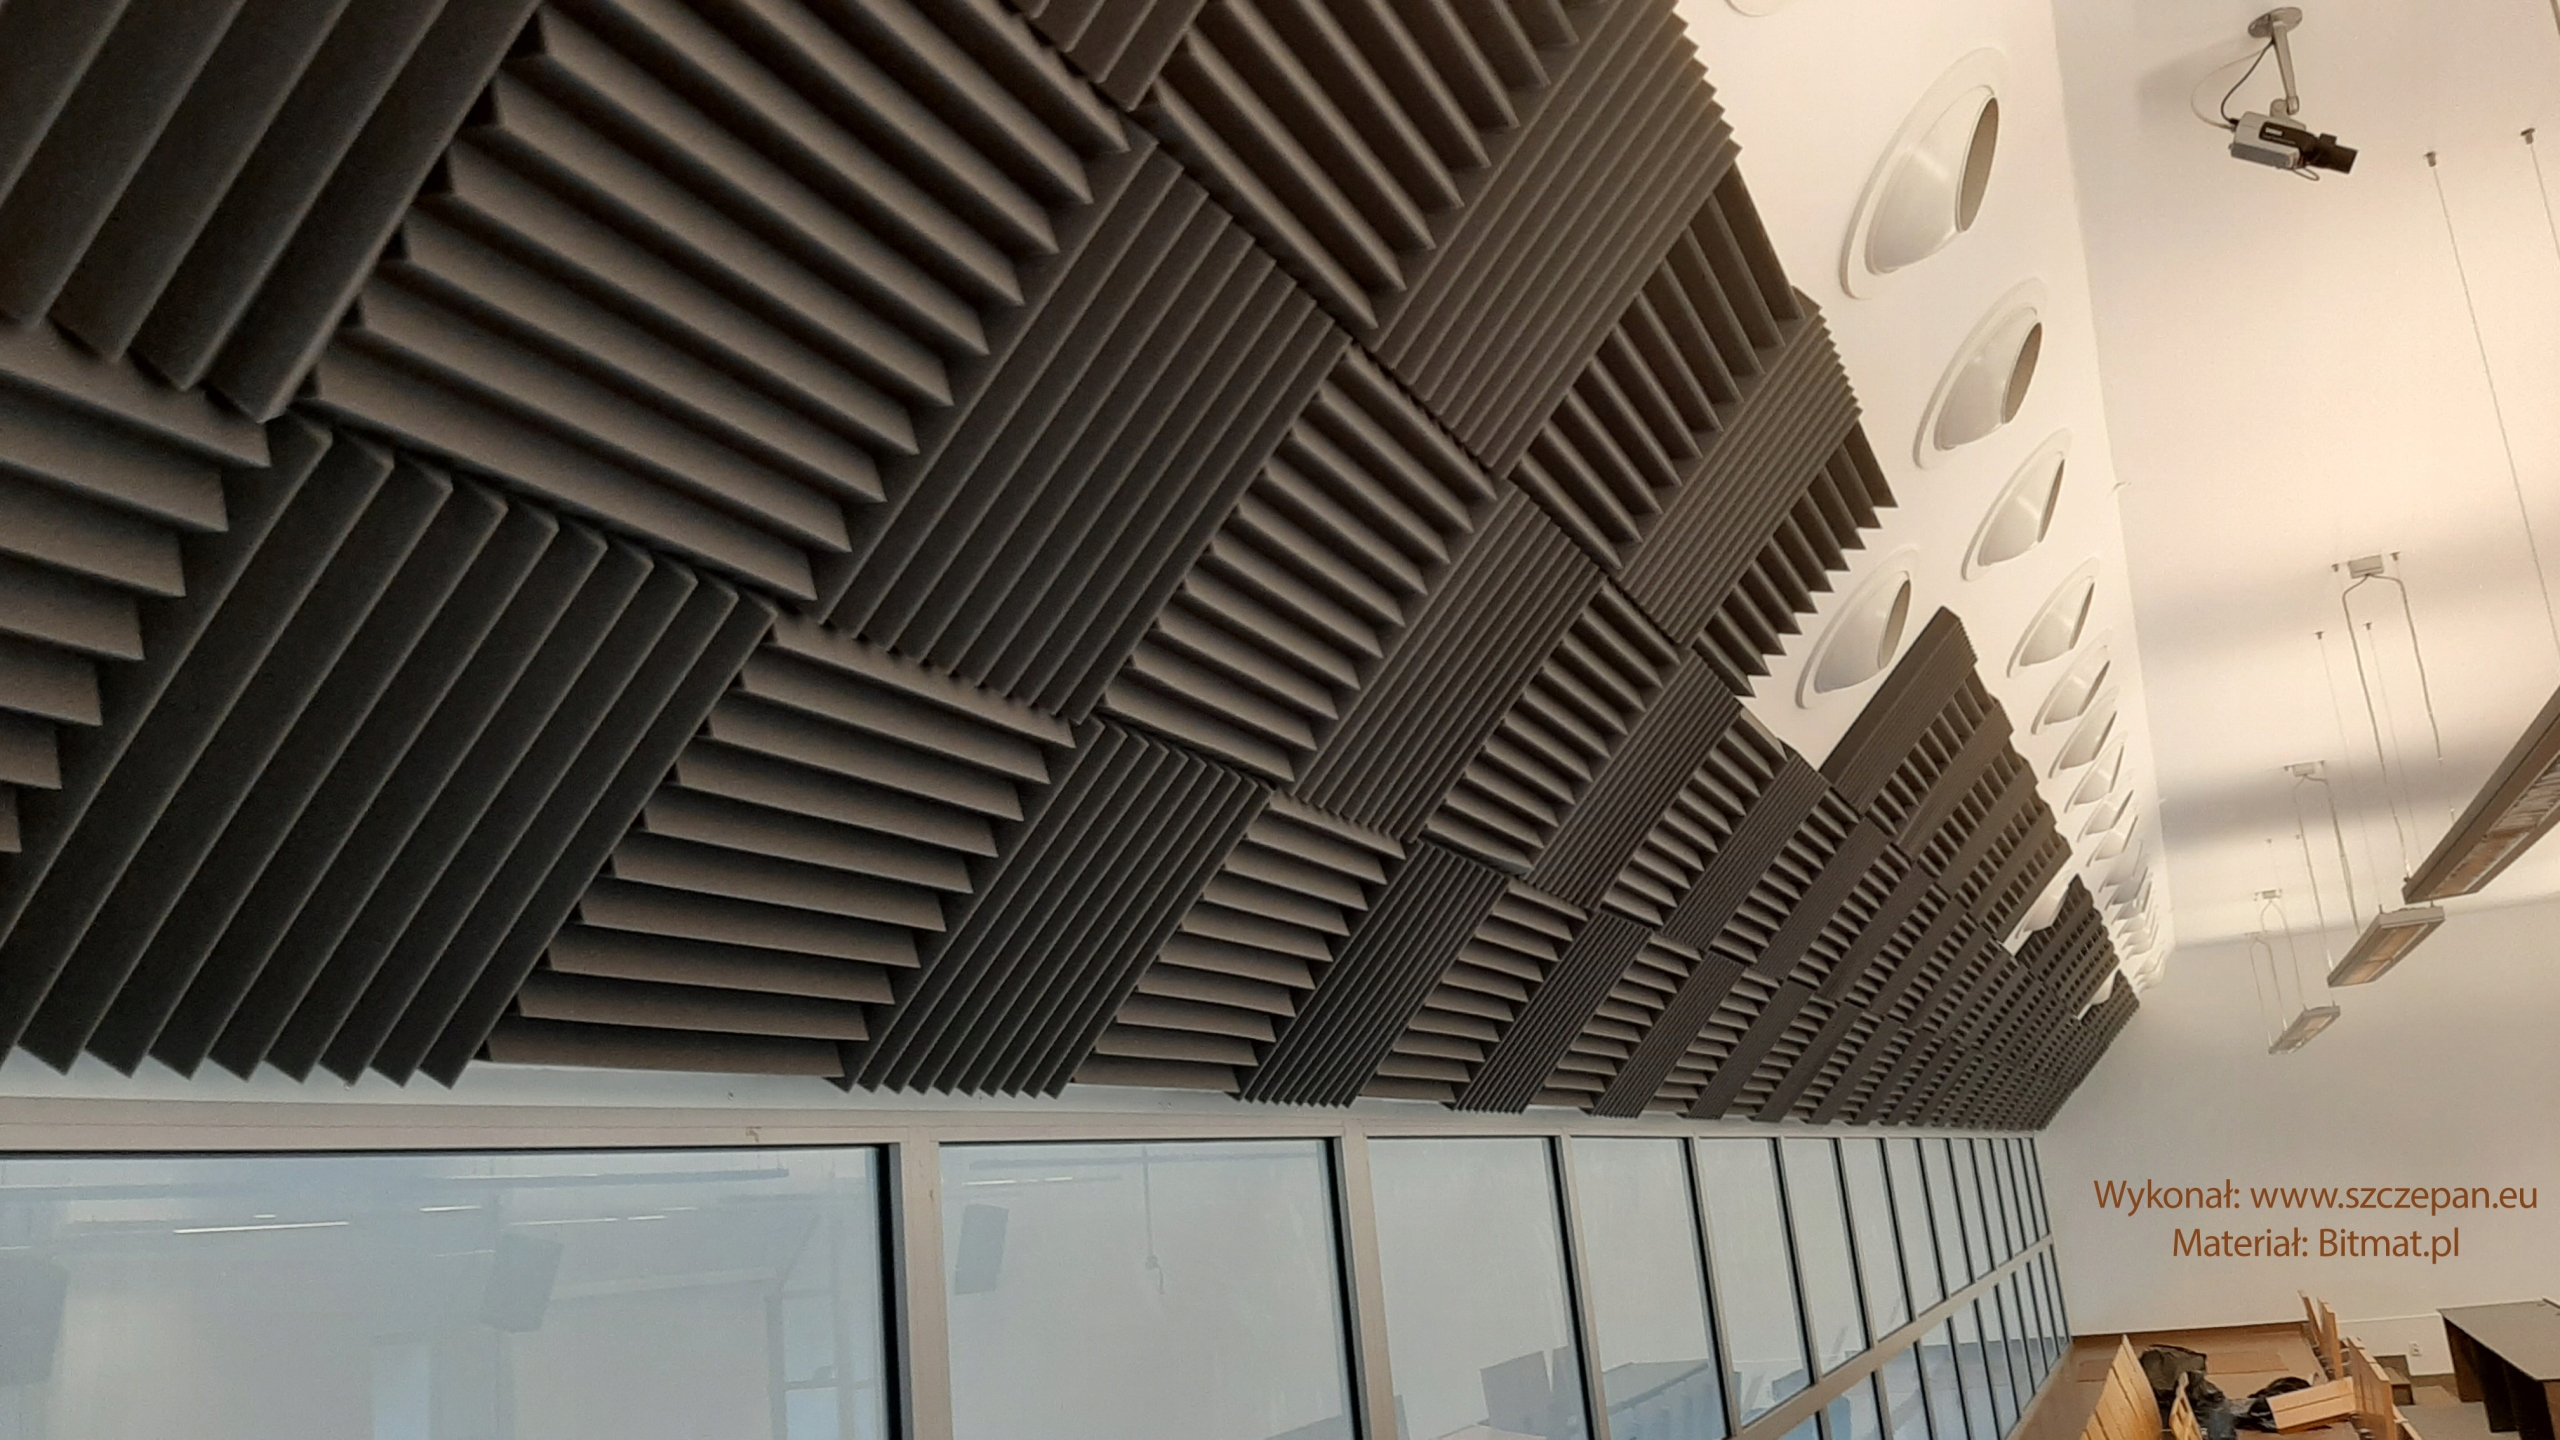 АКУСТИЧЕСКИЕ ПАНЕЛИ ACOUSTIC FOAM MIX 50x50 3m2